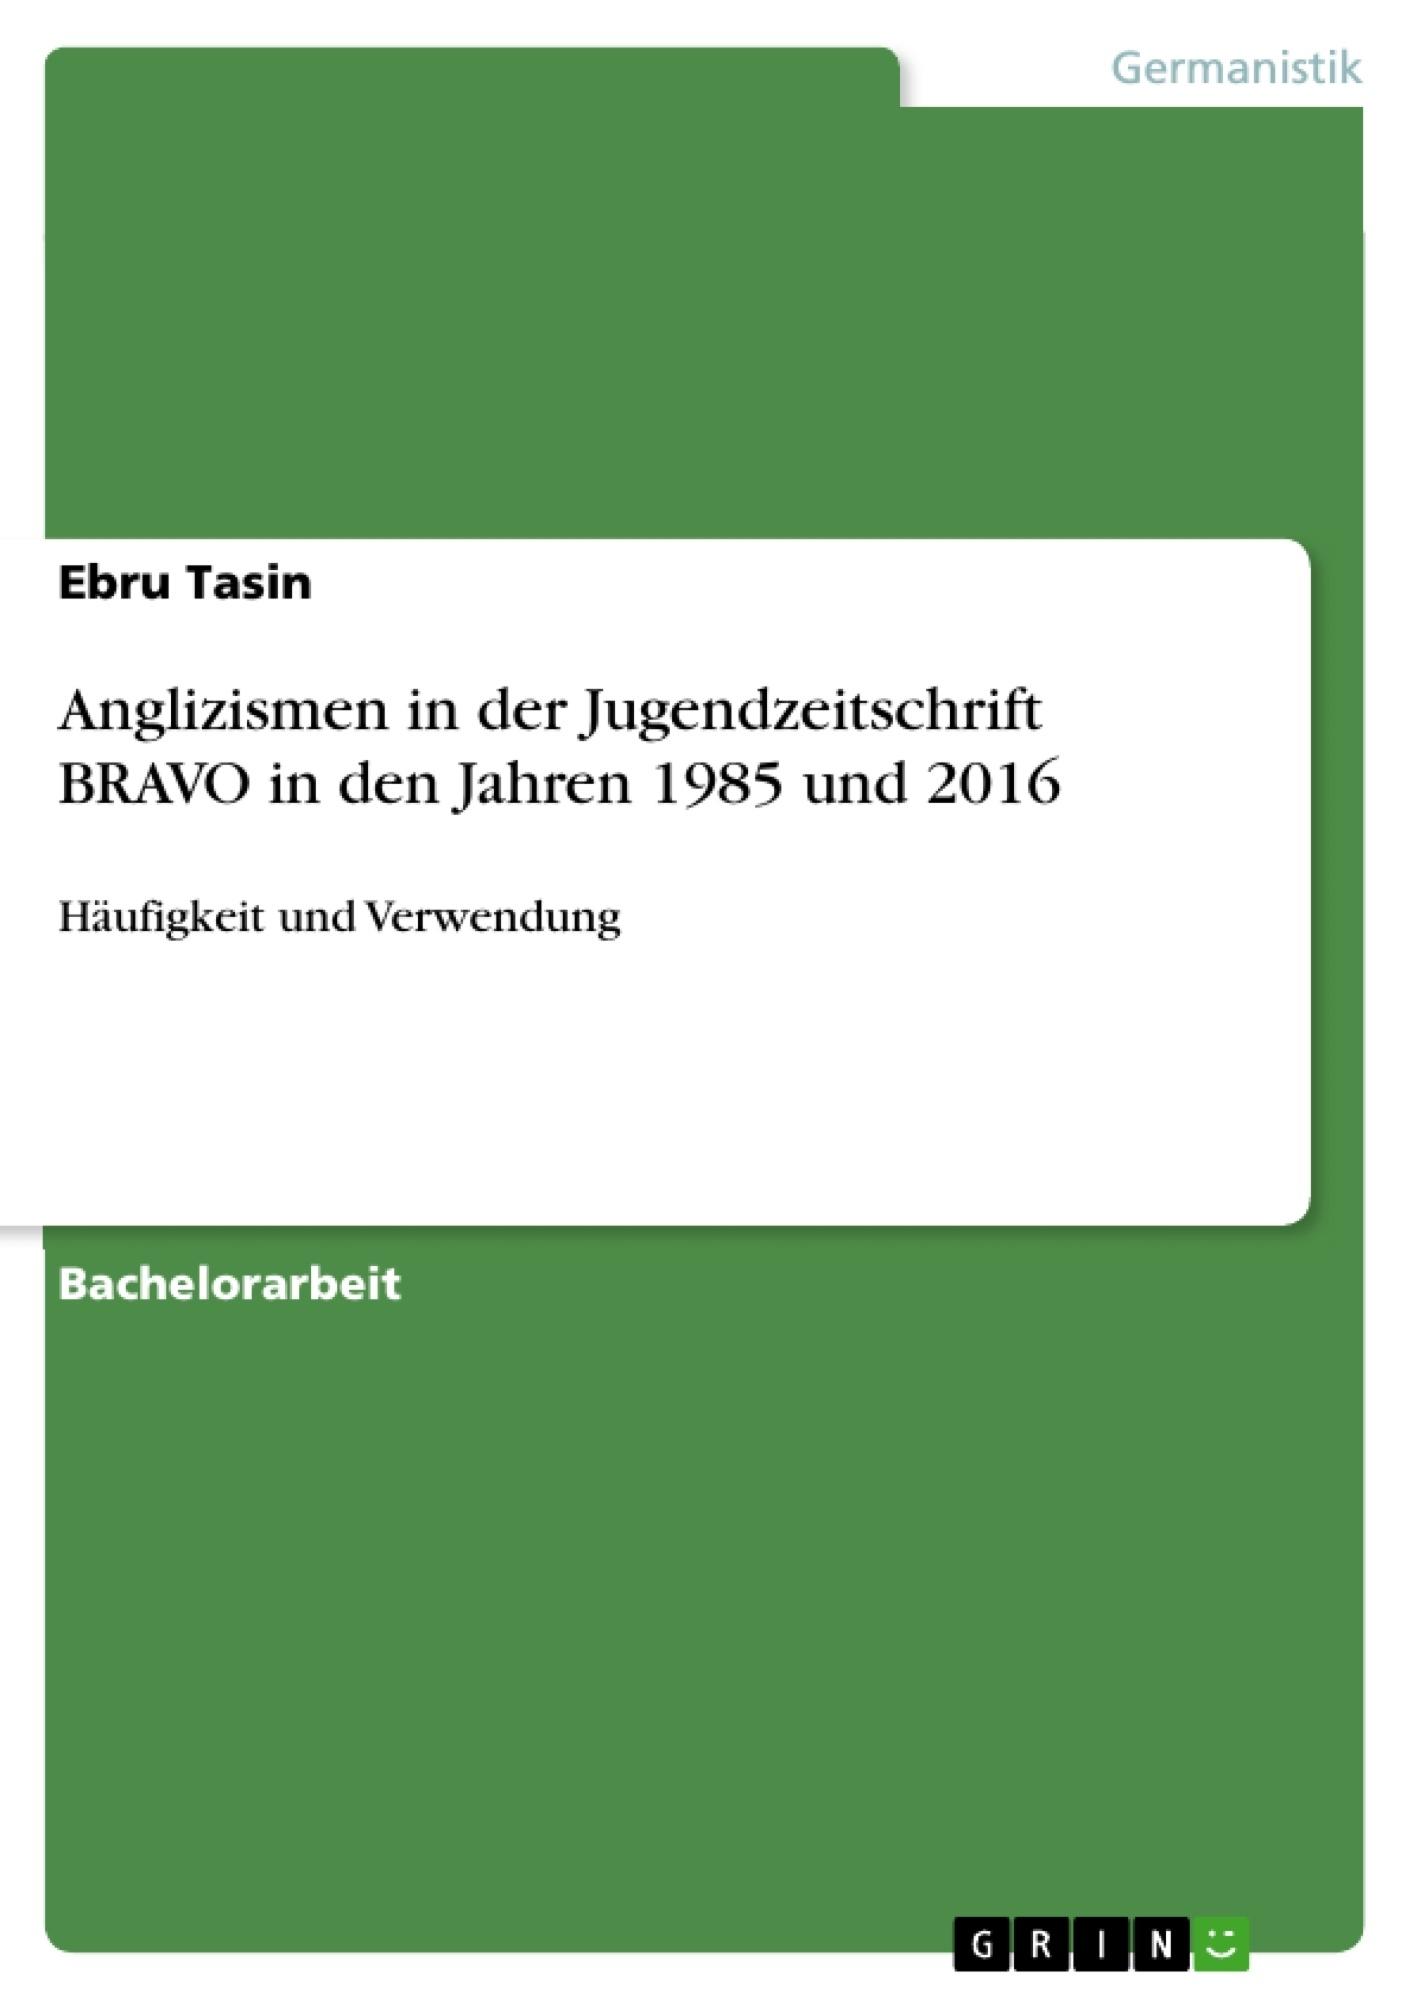 Titel: Anglizismen in der Jugendzeitschrift BRAVO in den Jahren 1985 und 2016